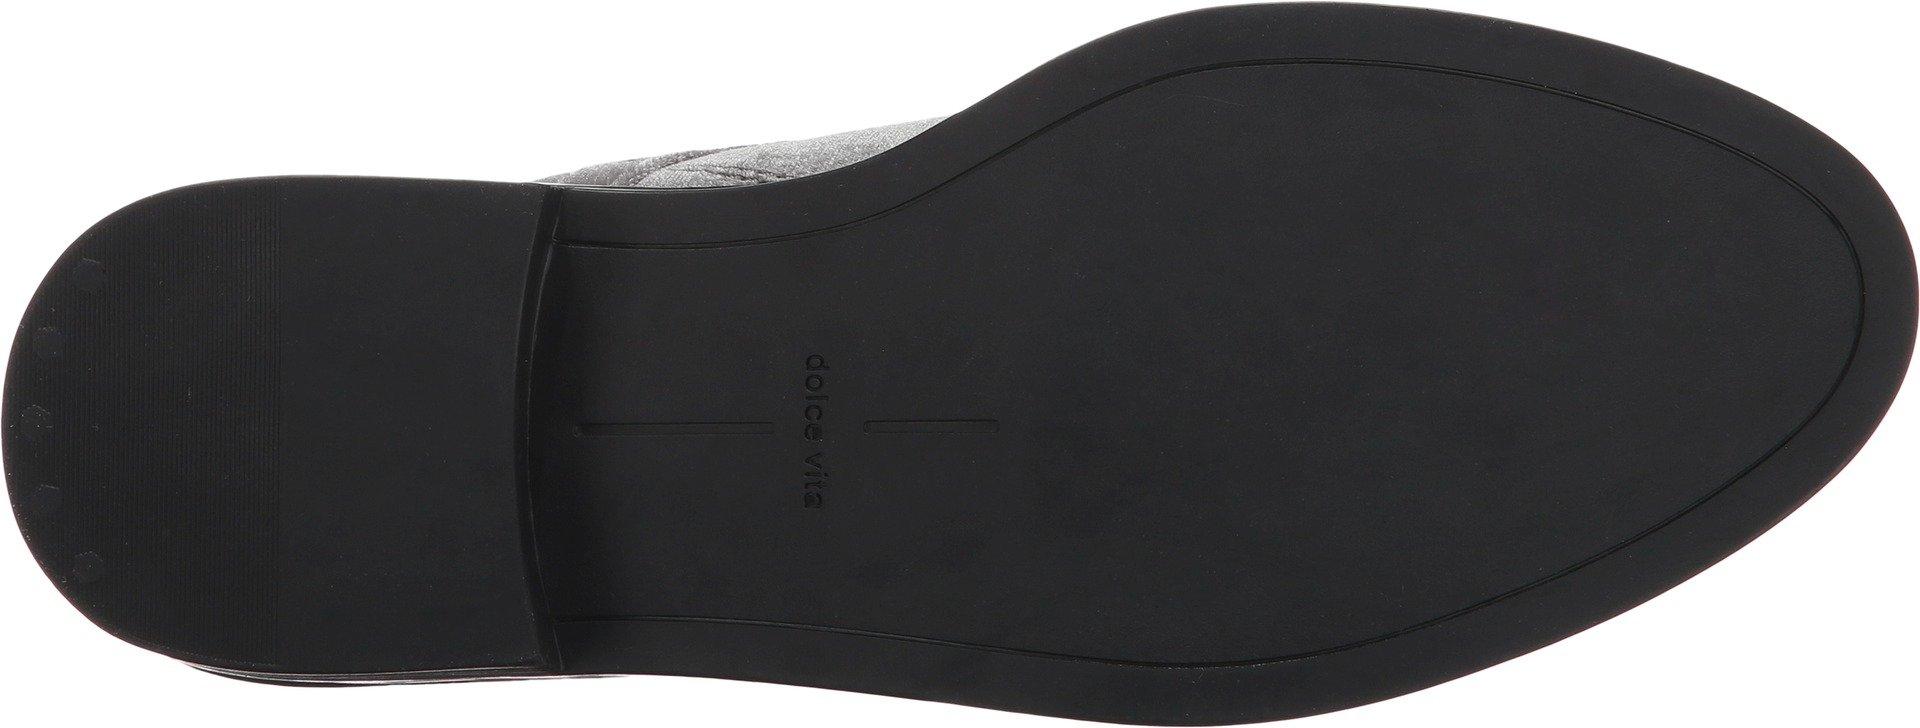 Dolce Vita Women's Bardot Combat Boot, Charcoal Velvet, 7 Medium US